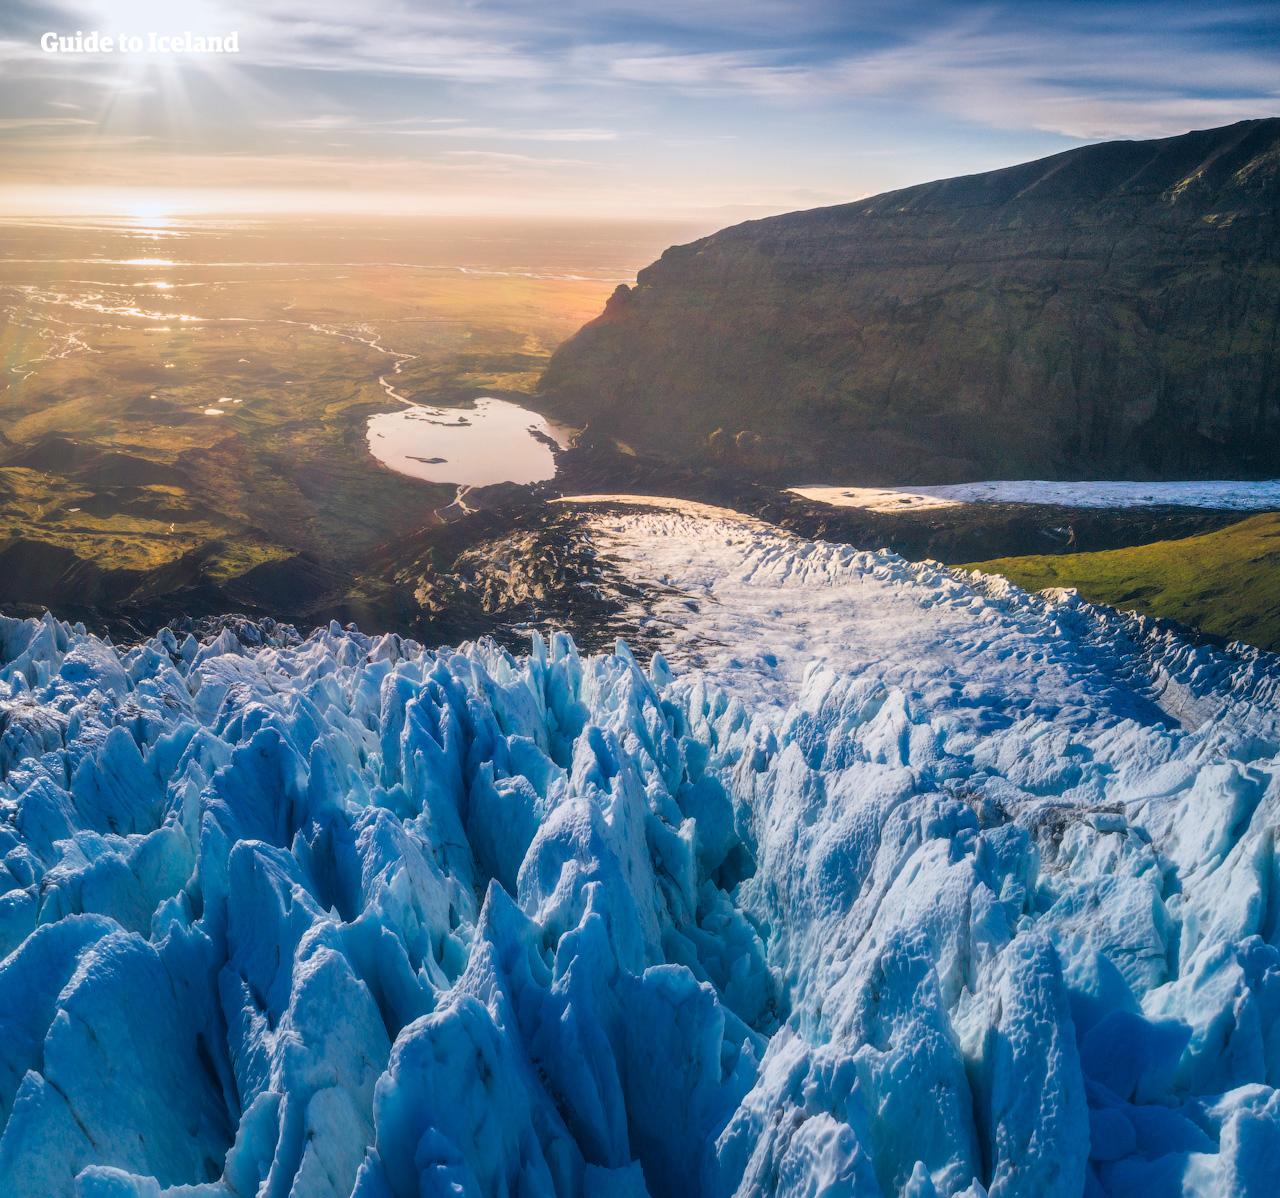 Прокатитесь по южному побережью Исландии, выбрав этот автотур, и вы увидите черные пески, белые ледники и буйную зелень.